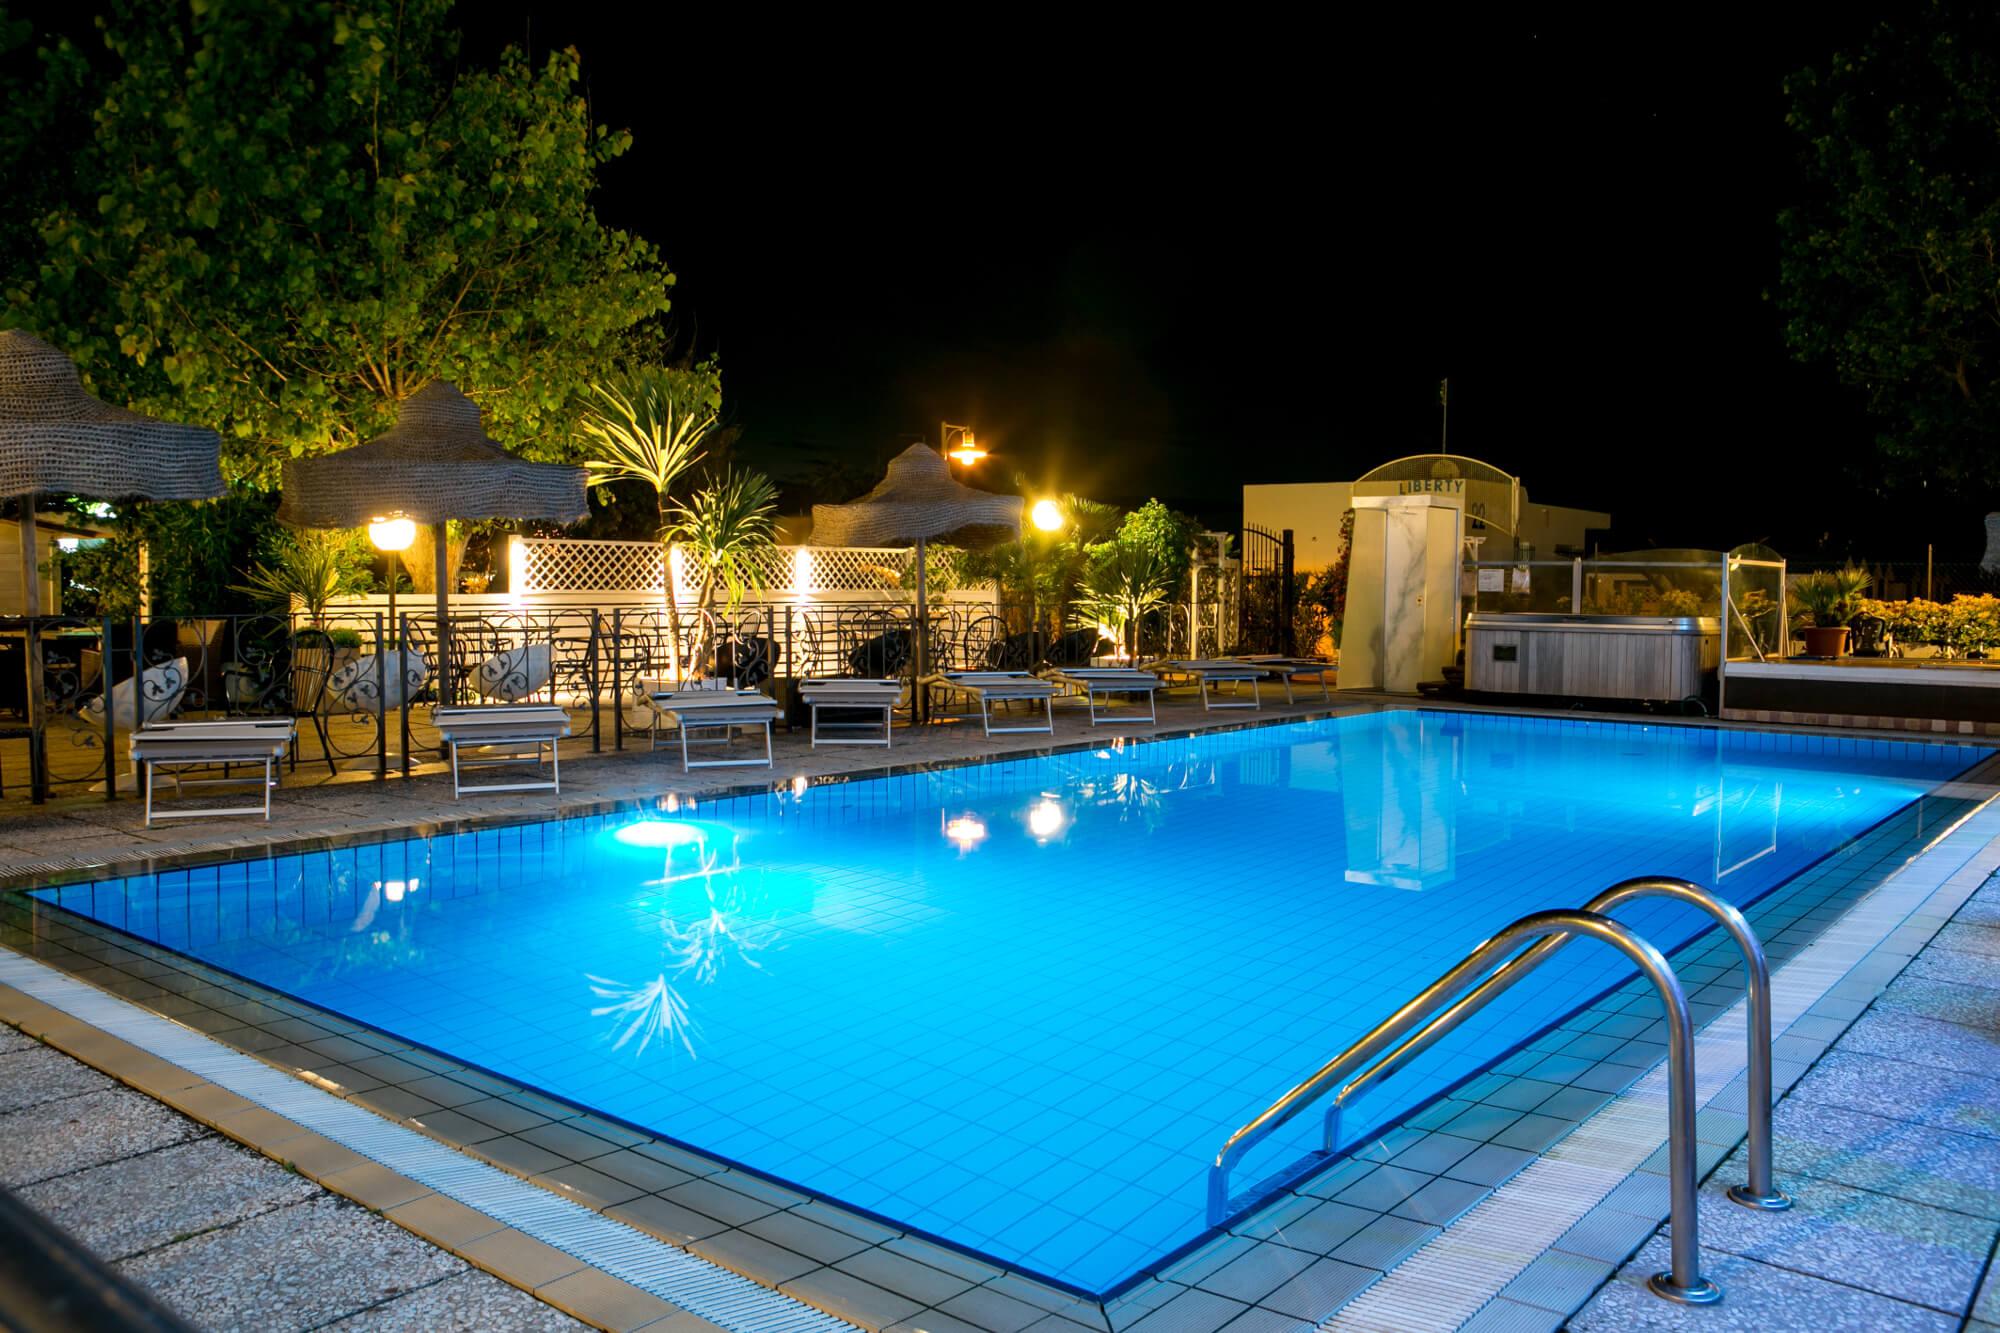 Hotel con piscina a riccione goditi il relax nell albergo con idromassaggio a riccione - Hotel a pejo con piscina ...